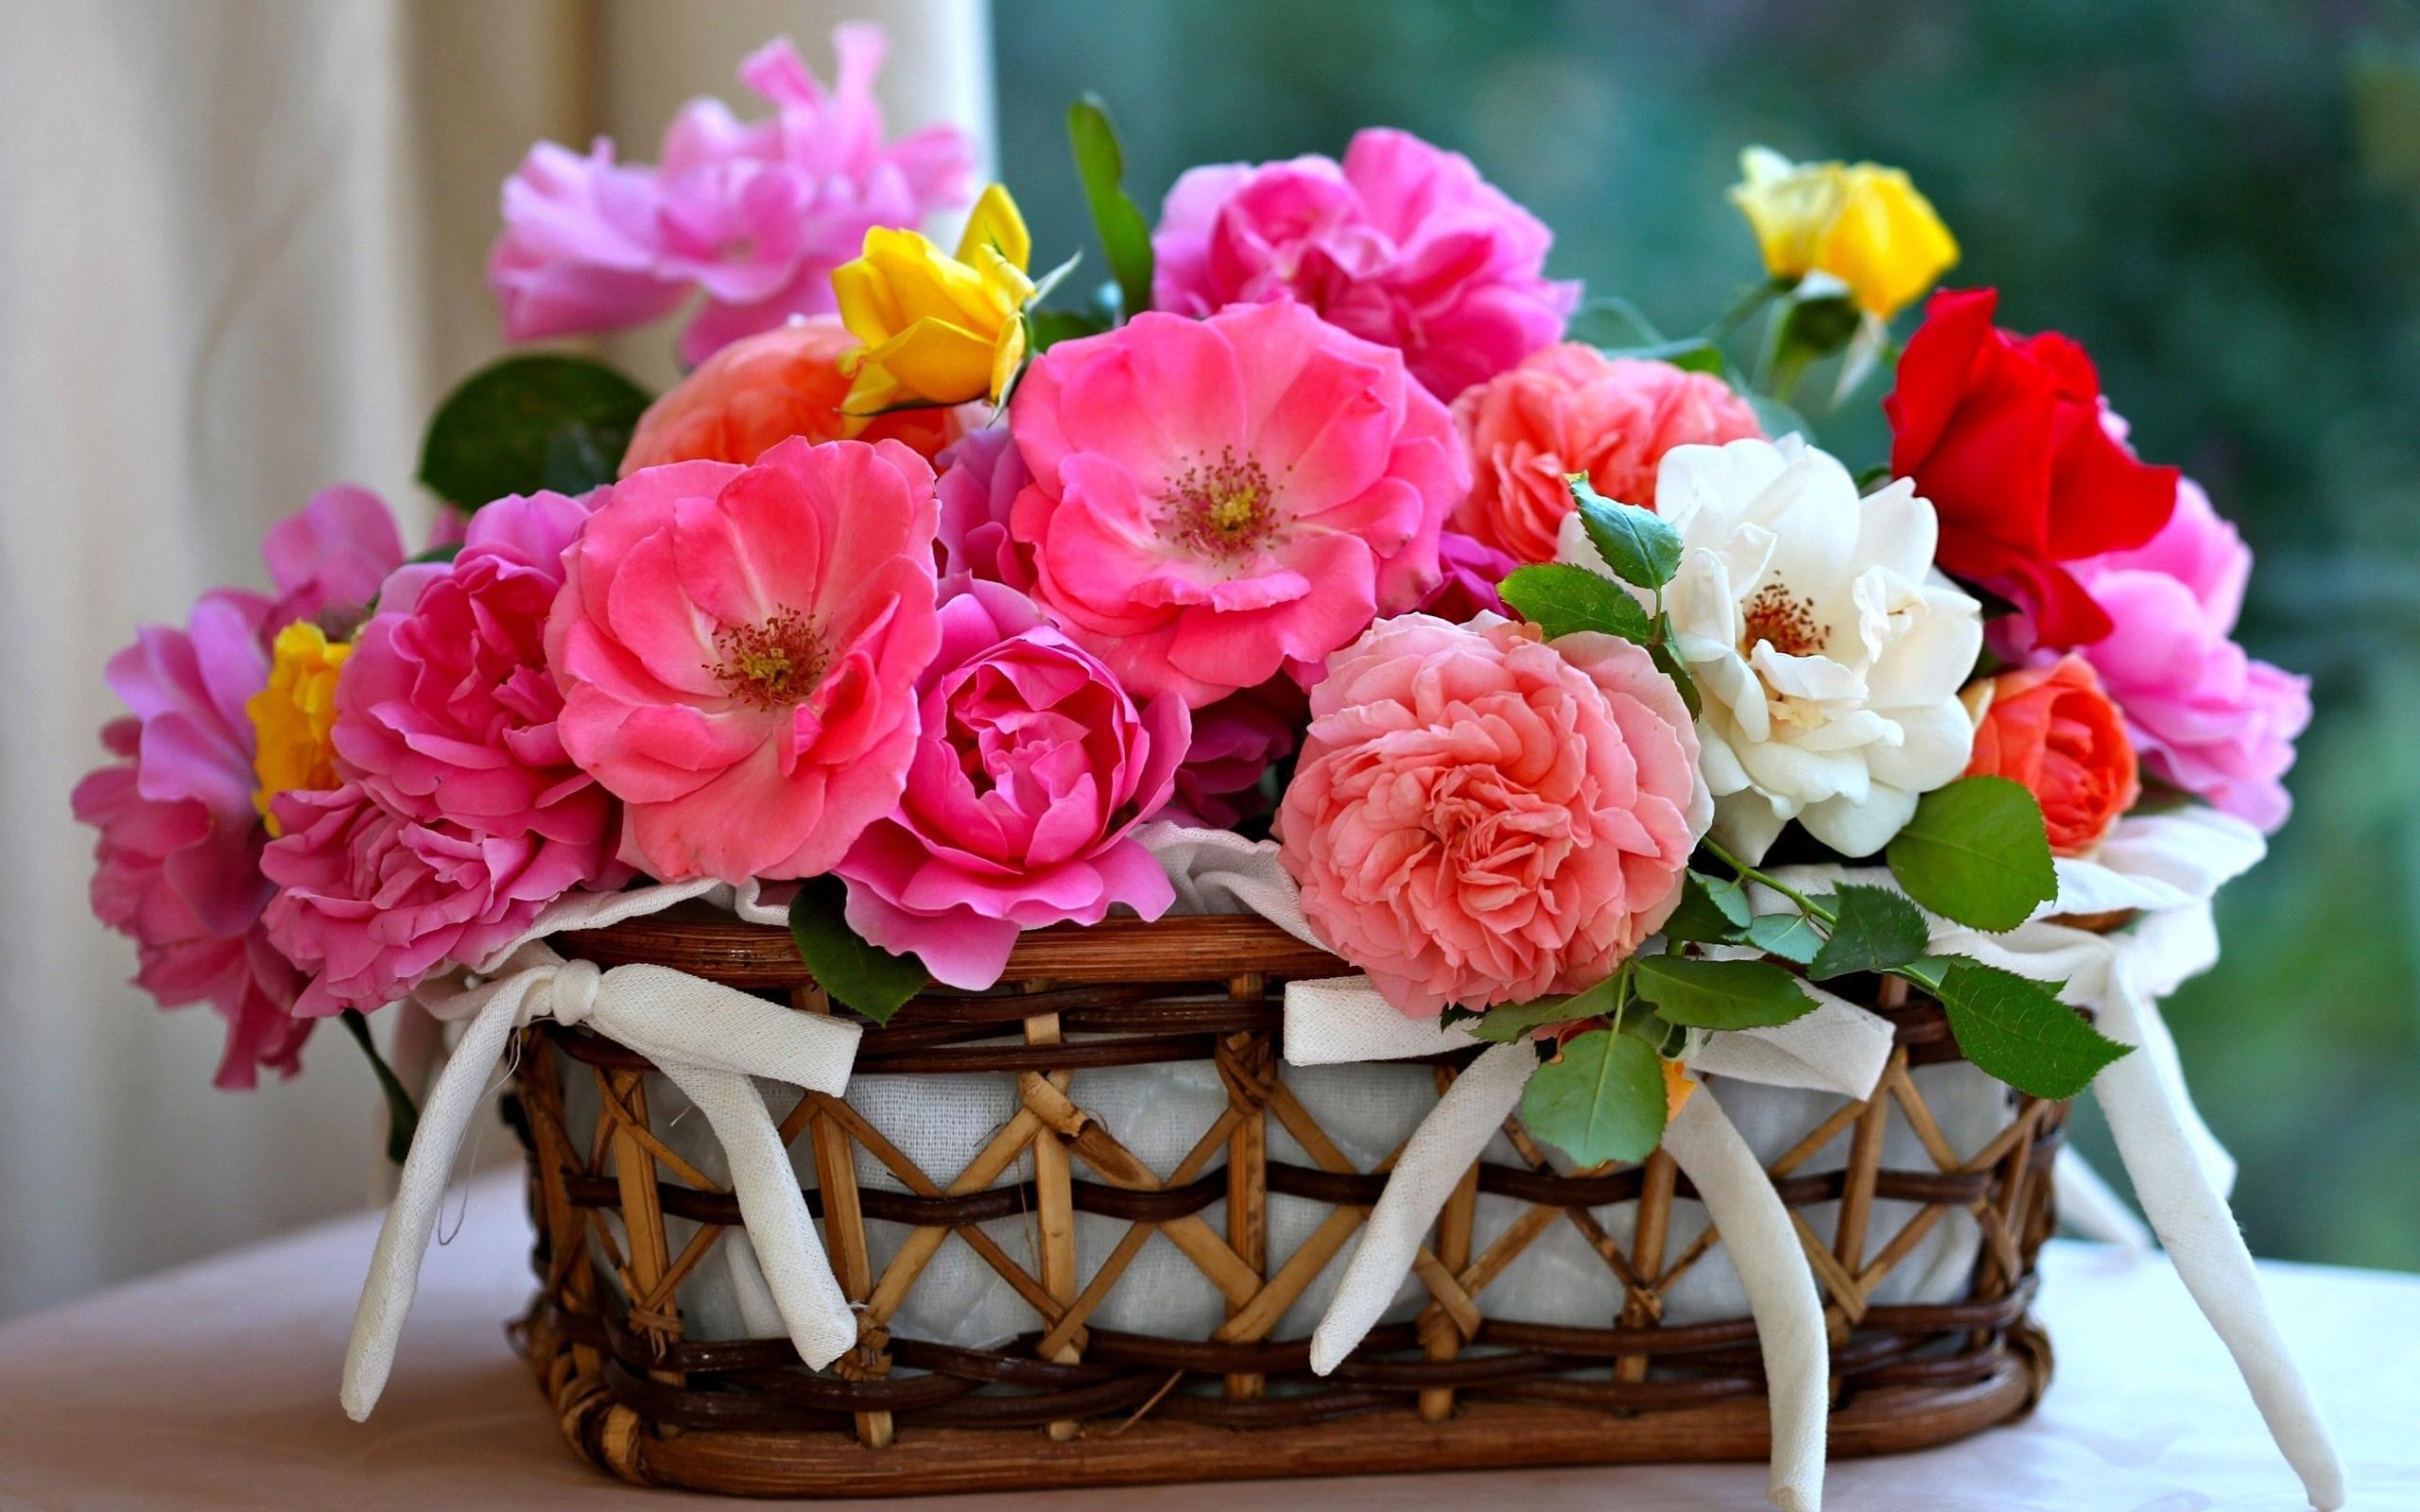 بالصور اجمل الورود الرومانسية , احلى وارق الورود الرومانسية 11681 9